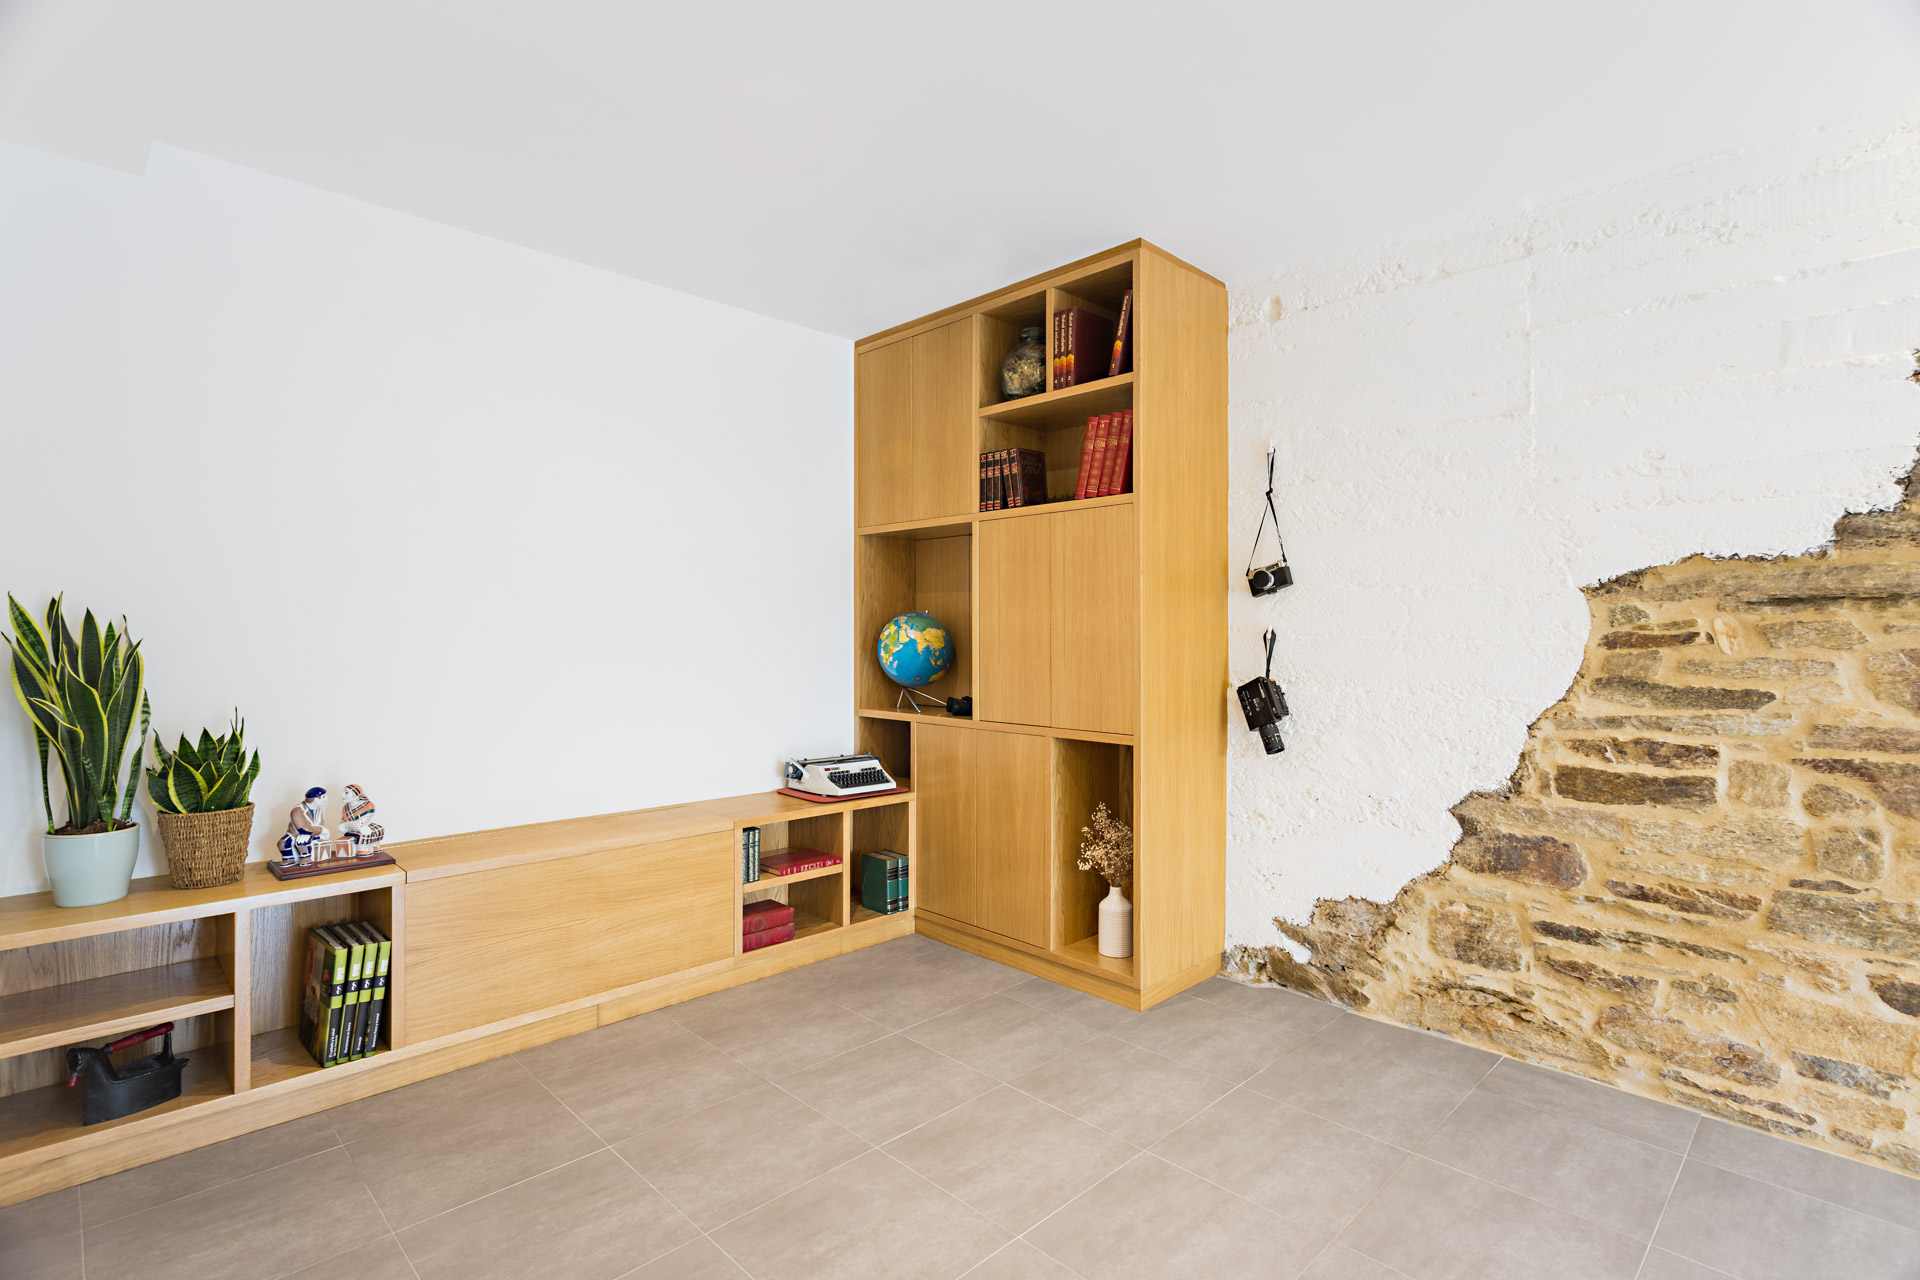 Rehabilitación de vivienda | Encaixe Arquitectura - Rehabilitación vivienda Dornelas | Encaixe Arquitectura - Rehabilitación vivienda Dornelas | Encaixe Arquitectura | Jose Chas